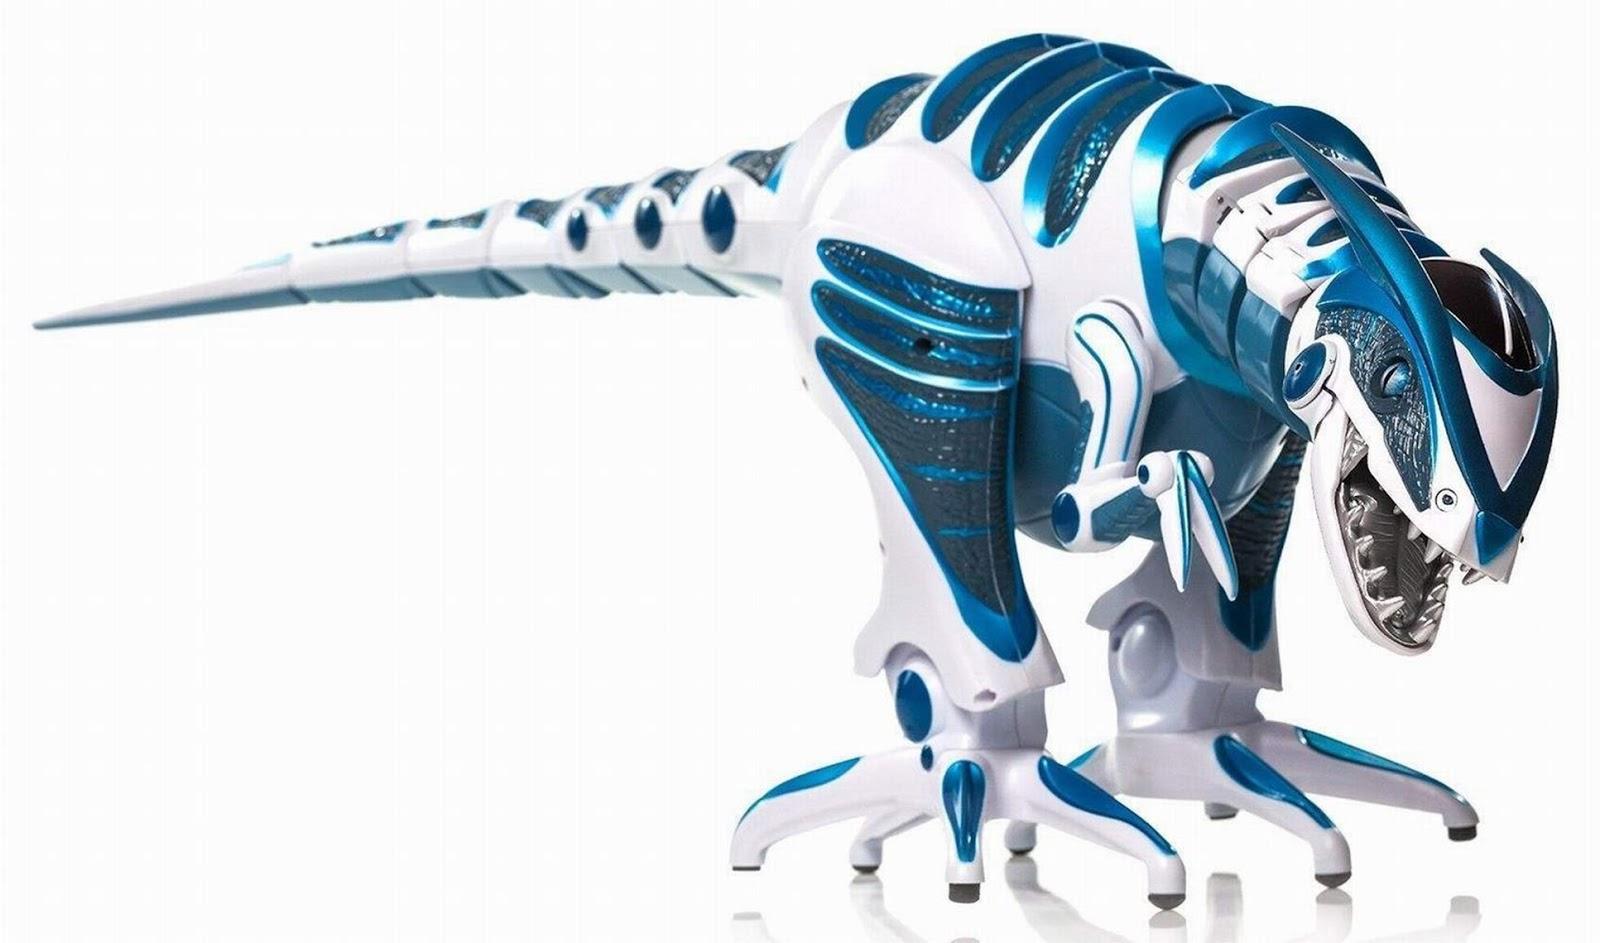 перемещения игрушка робот динозавр картинки своего его оставит